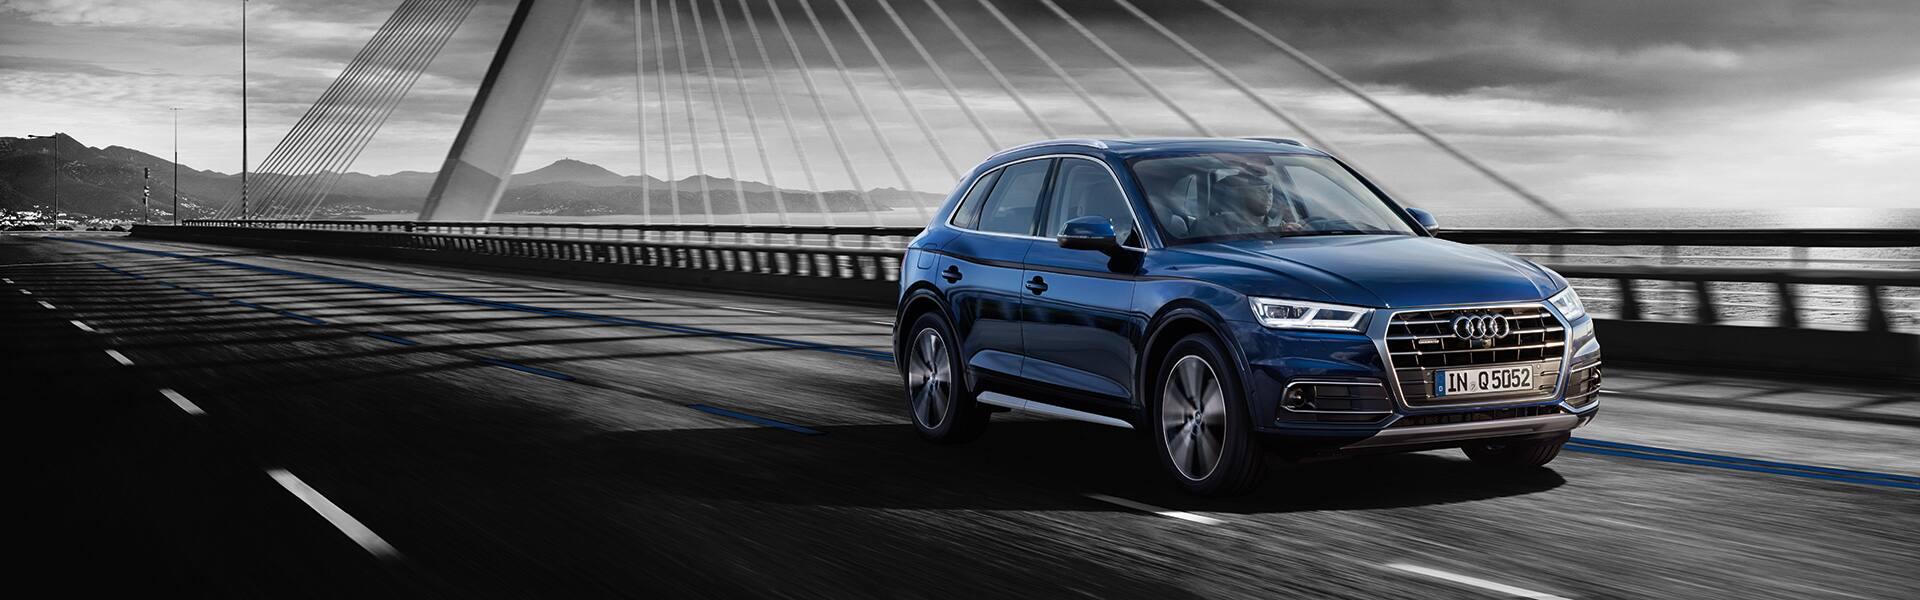 Audi Gebrauchtwagen Reservieren Mynextaudi Audi Gebrauchtwagen